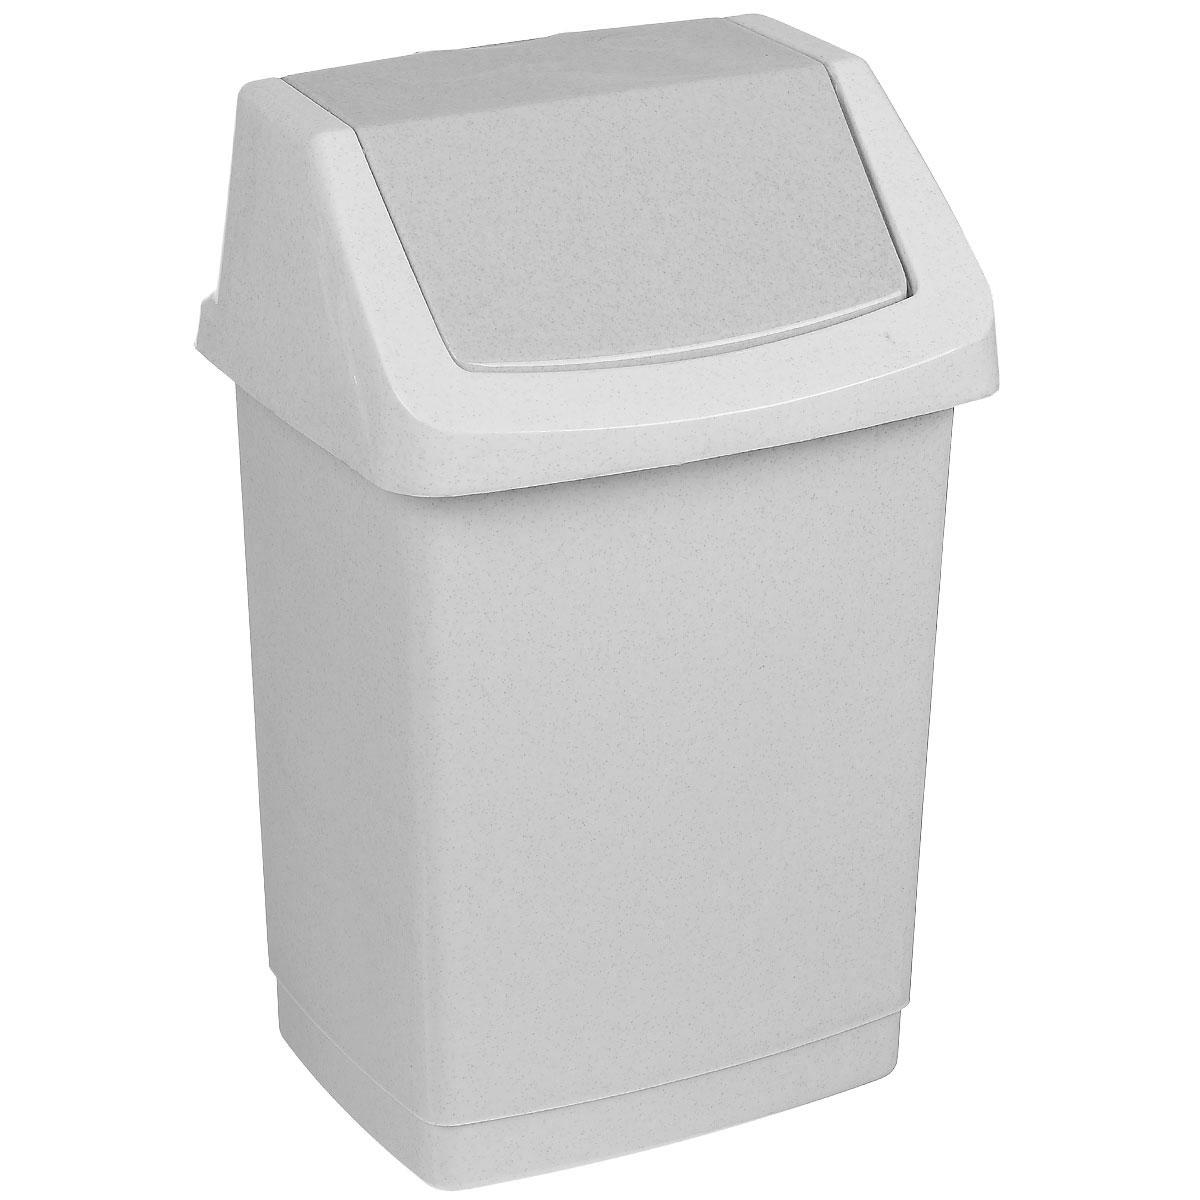 Контейнер для мусора Curver Клик-ит, цвет: серый люкс (гранит), 15 л98299571Контейнер для мусора Curver Клик-ит изготовлен из прочного пластика. Контейнер снабжен удобной съемной крышкой с подвижной перегородкой. В нем удобно хранить мелкий мусор. Благодаря лаконичному дизайну такой контейнер идеально впишется в интерьер и дома, и офиса.